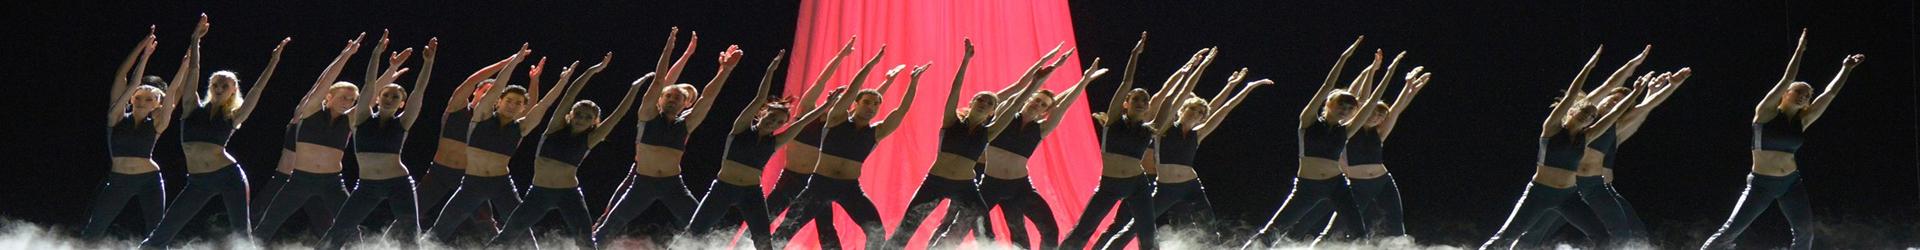 Ballett Queen